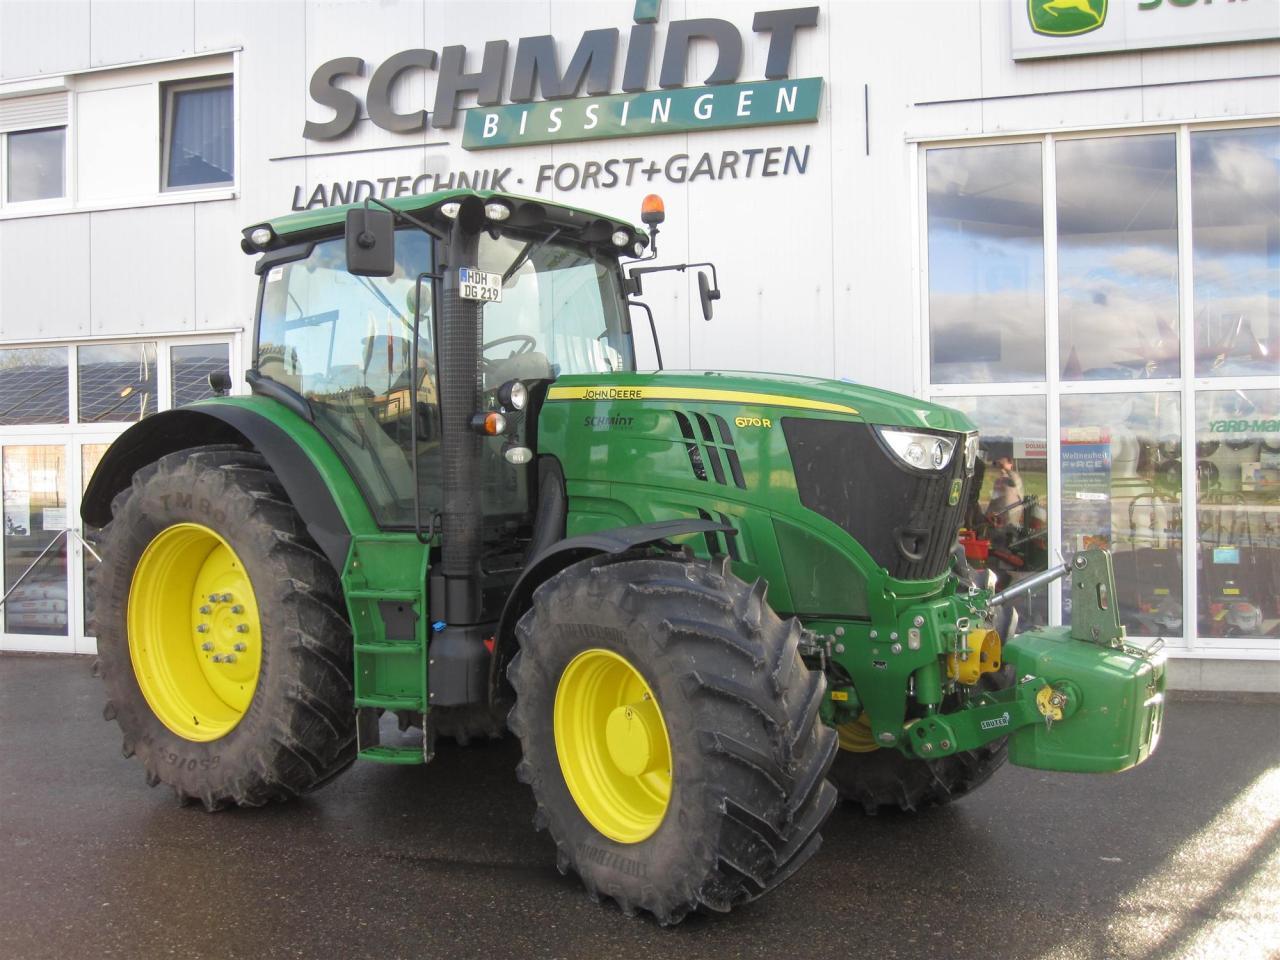 Schmidt - TopMaschine